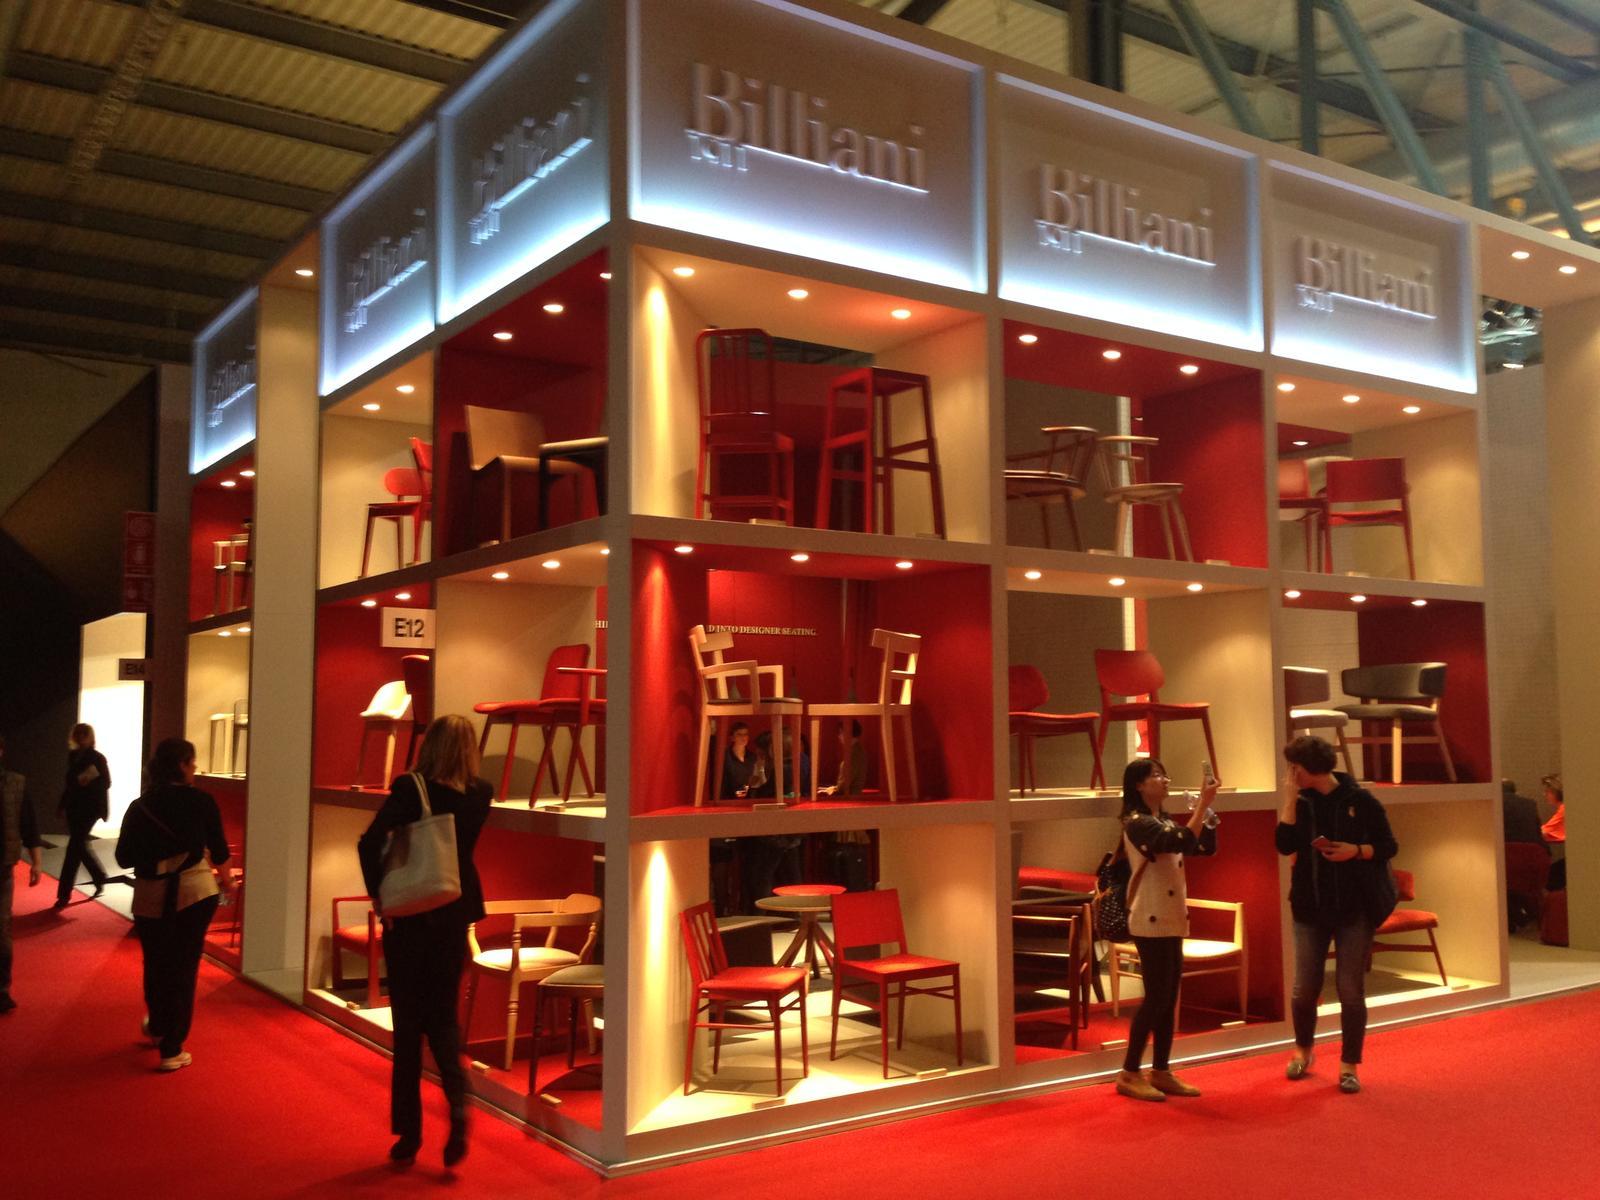 Milano - Salone del Mobile 2015 - Obrázek č. 20